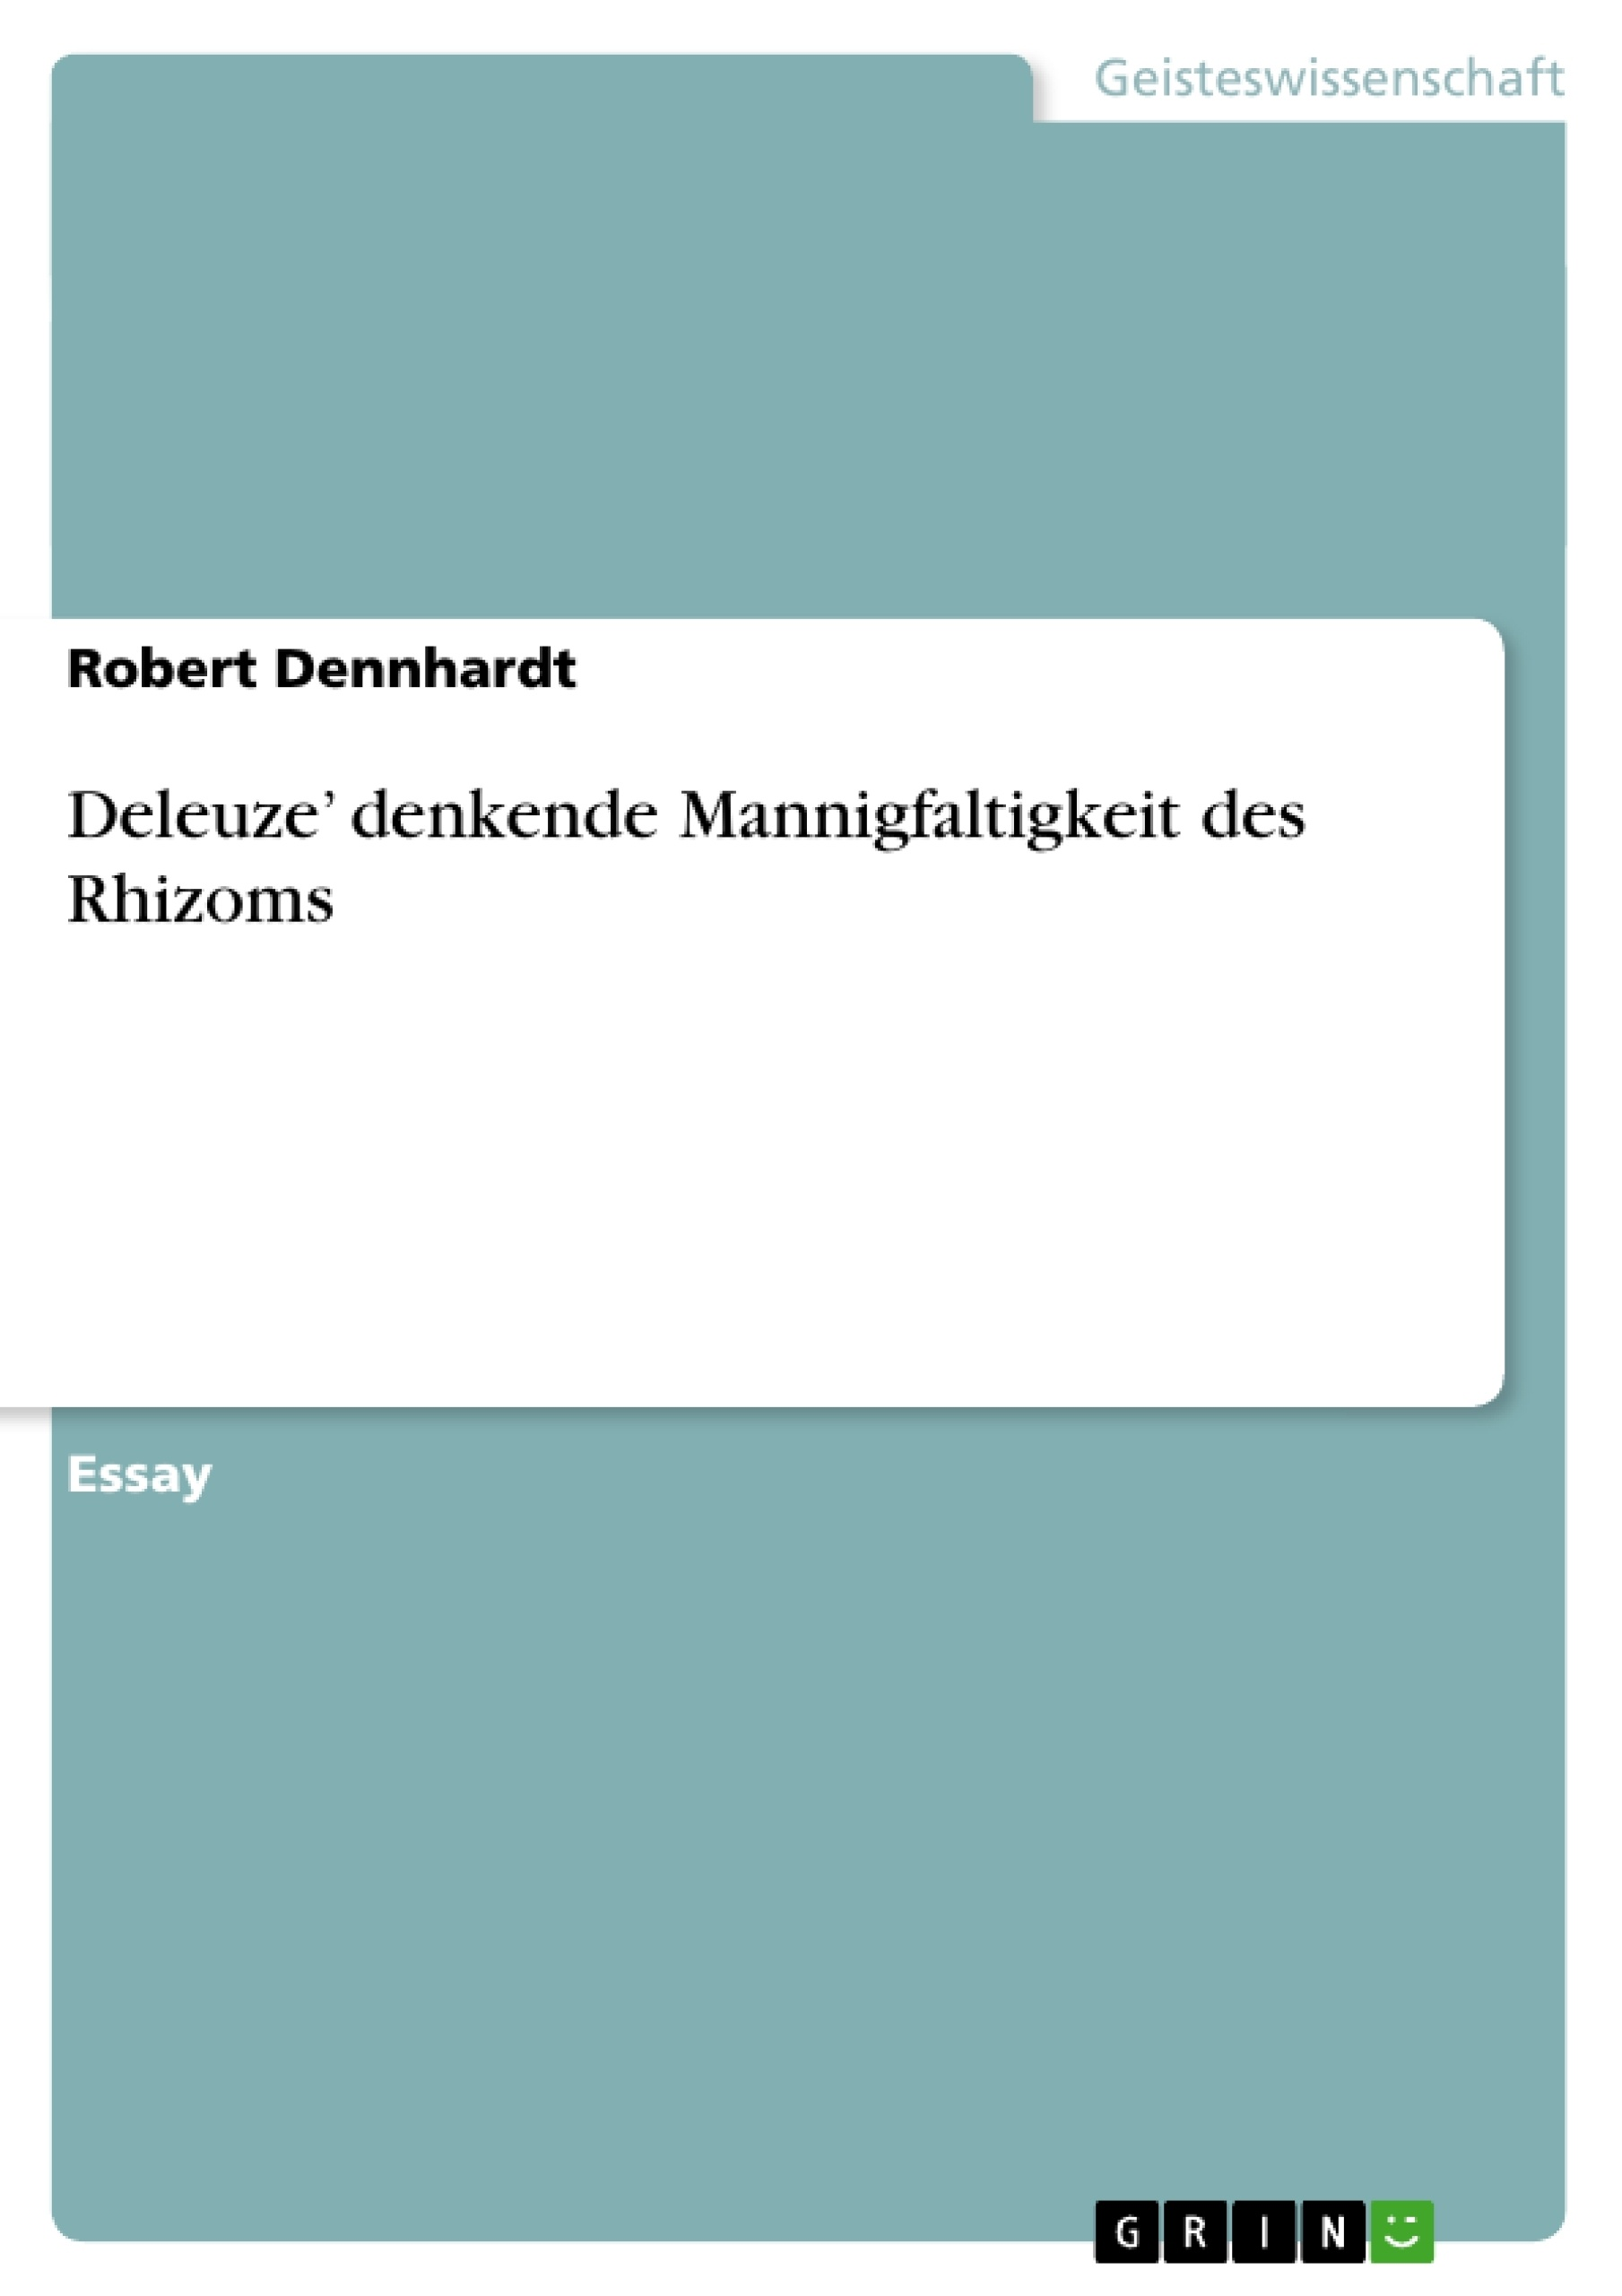 Titel: Deleuze' denkende Mannigfaltigkeit des Rhizoms